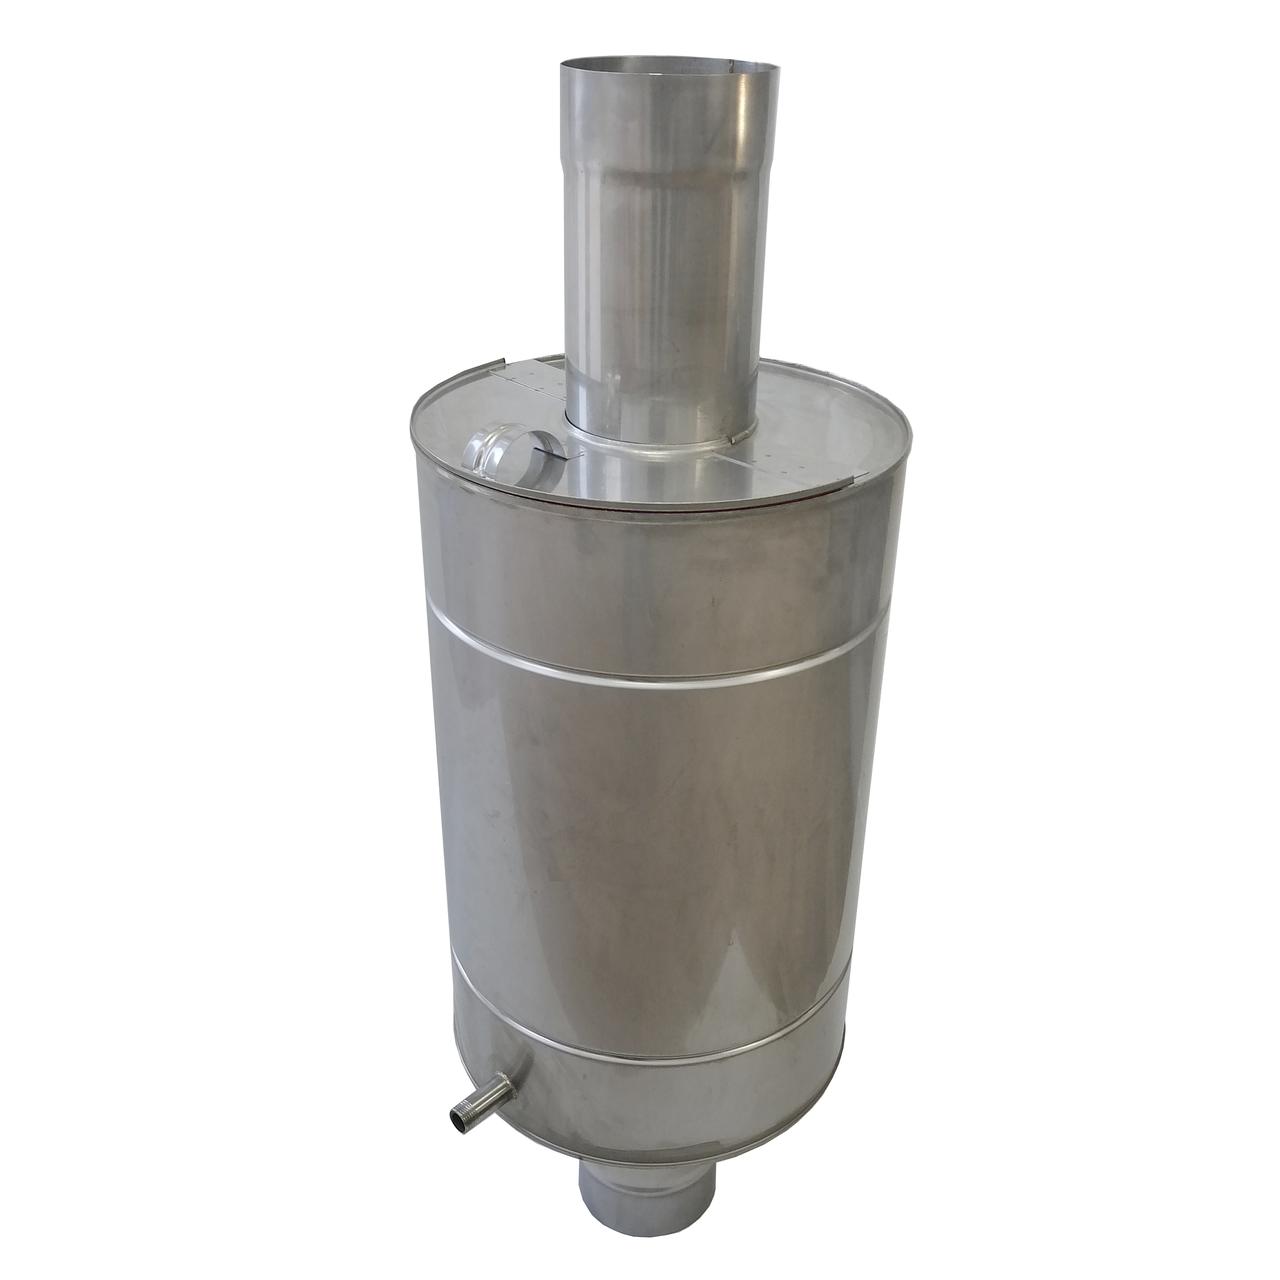 Труба-бак ø110 мм 50 л 1 мм AISI 321/304 Stalar для нагріву води для димоходу сауни бані із нержавіючої сталі